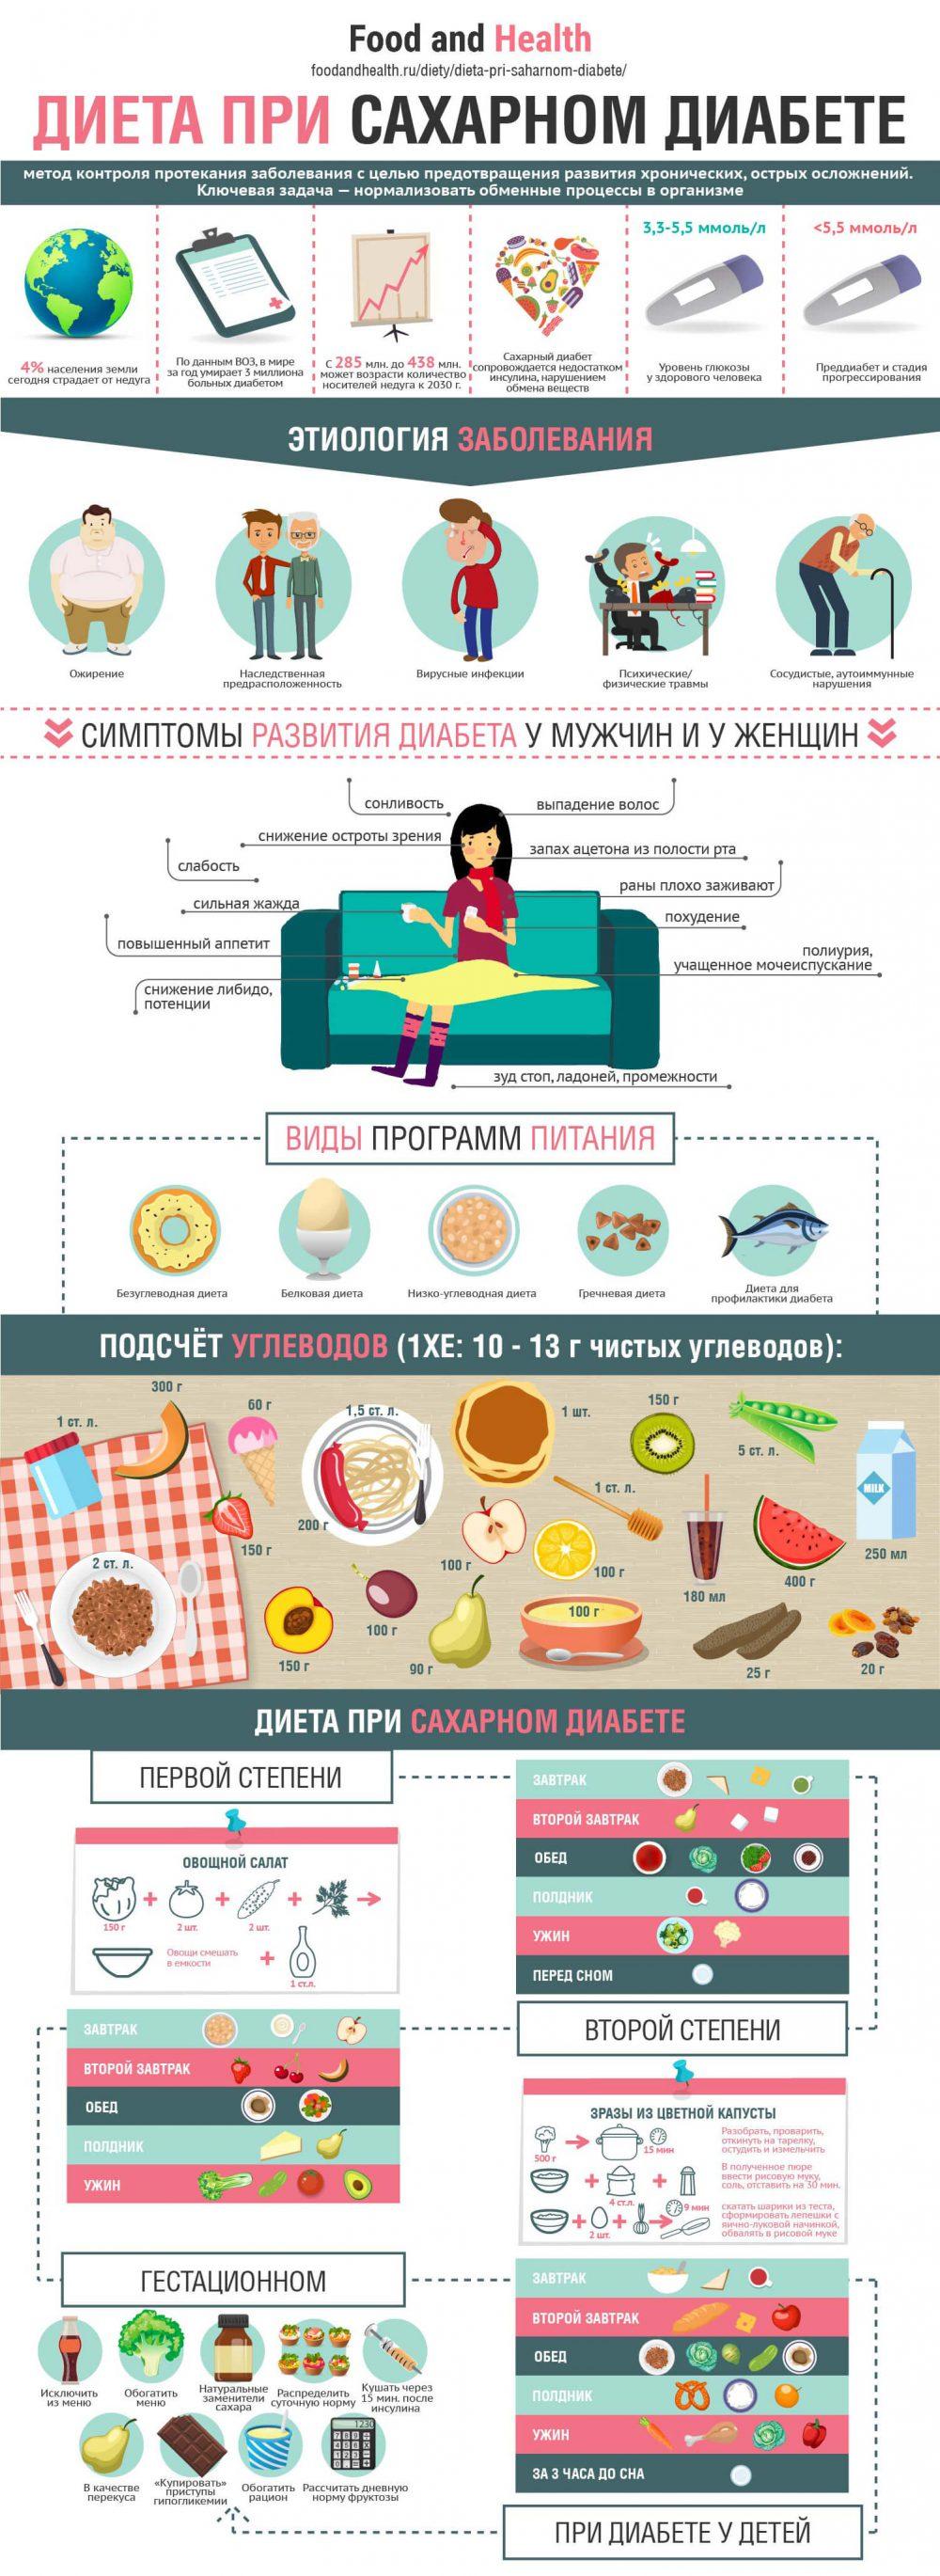 Диета при сахарном диабете - инфографика